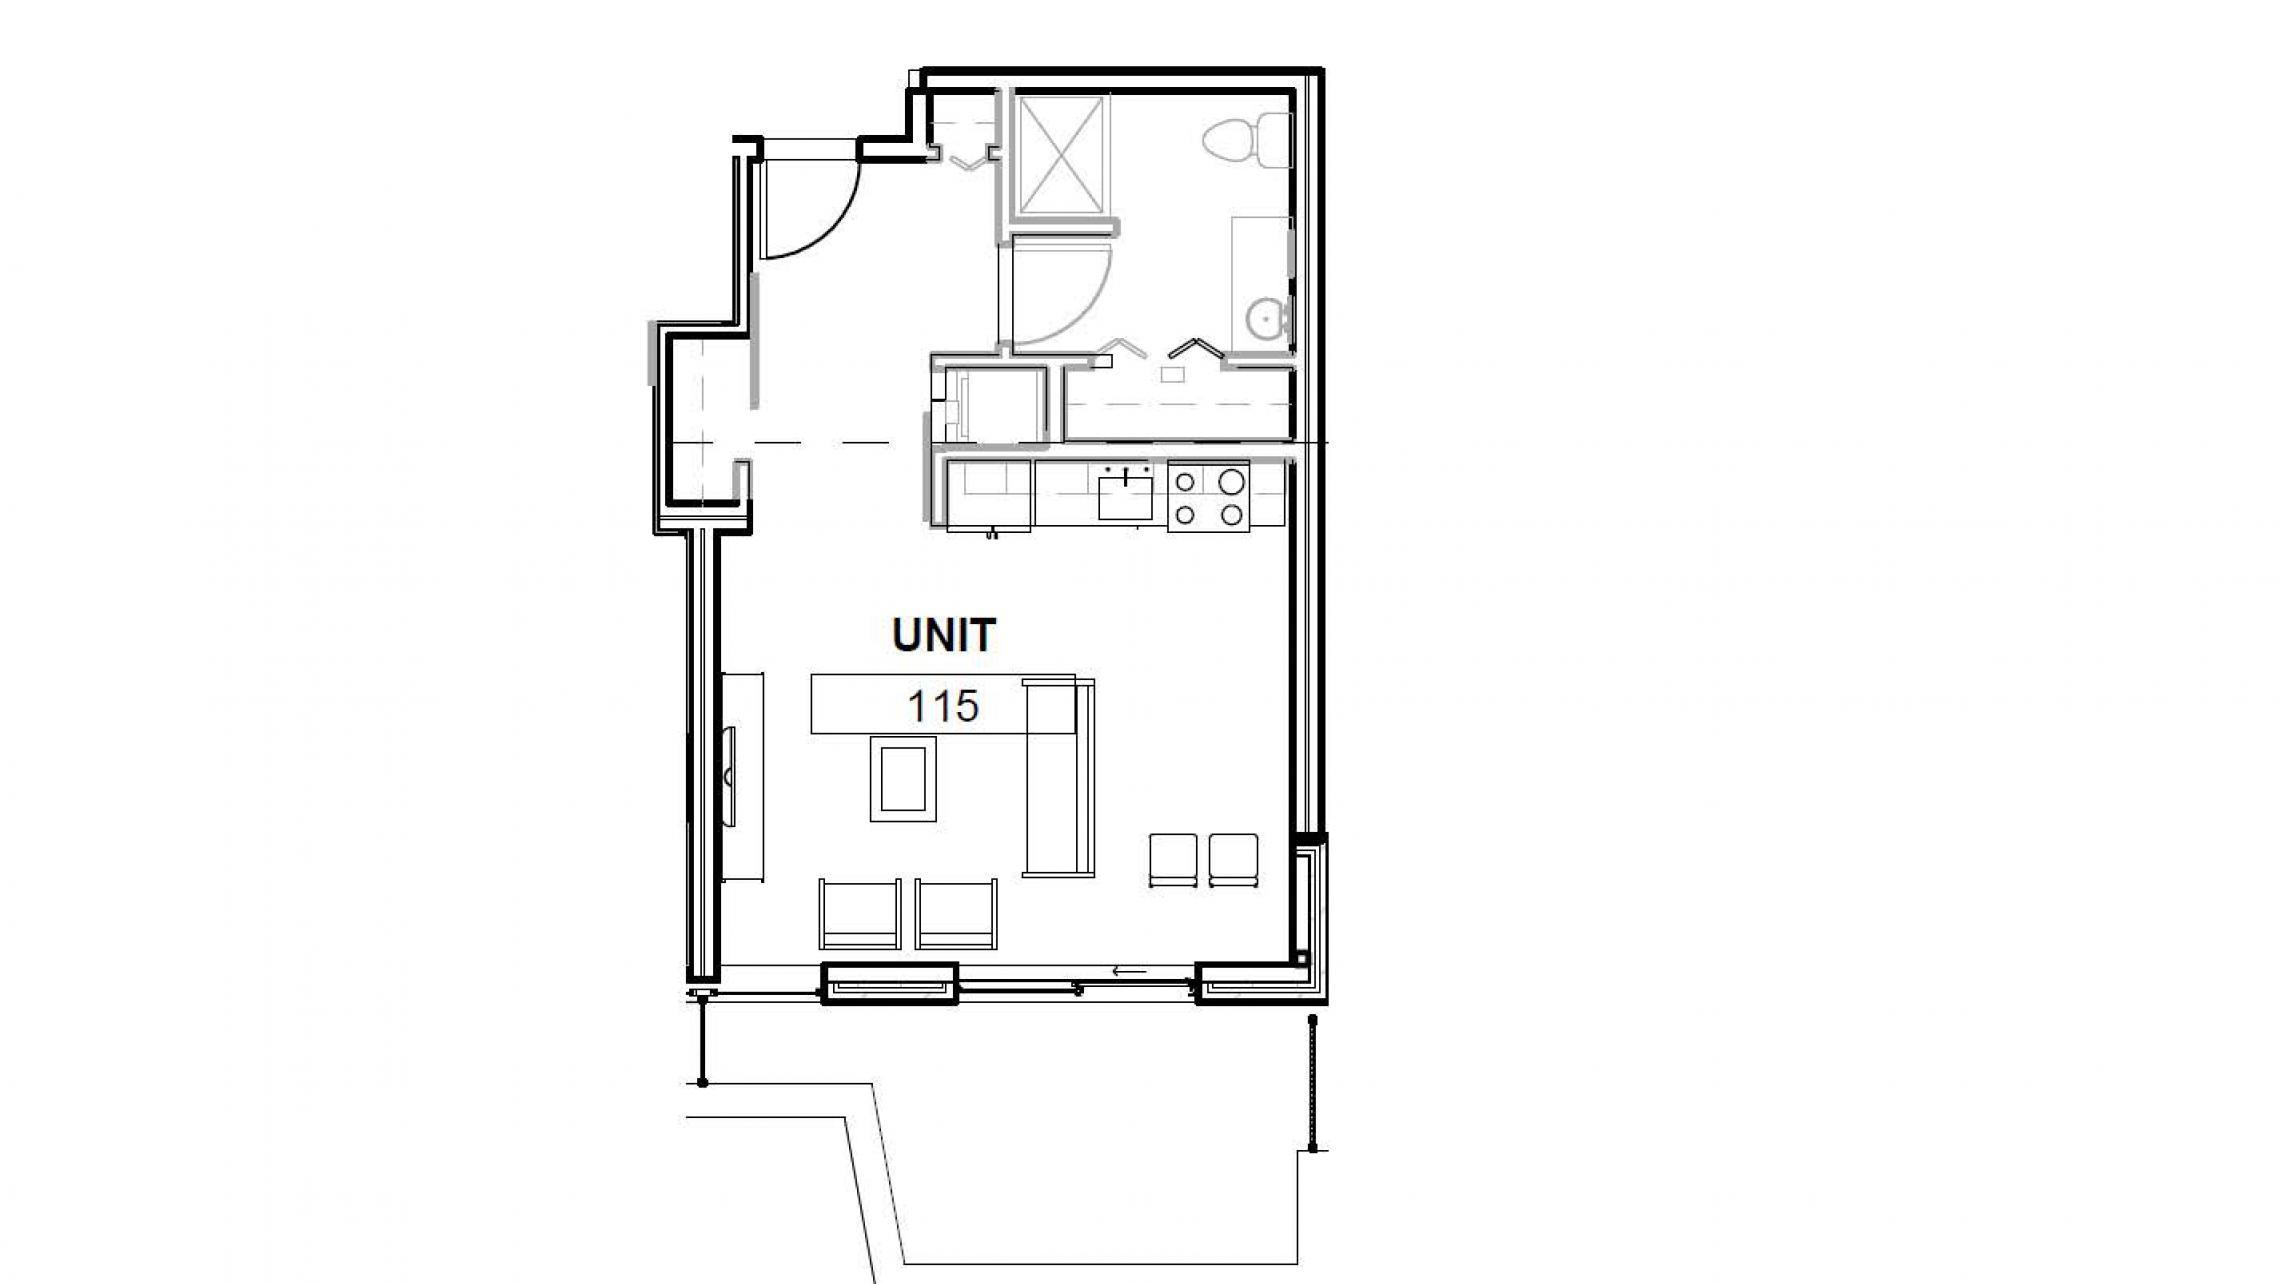 ULI Apartment 115